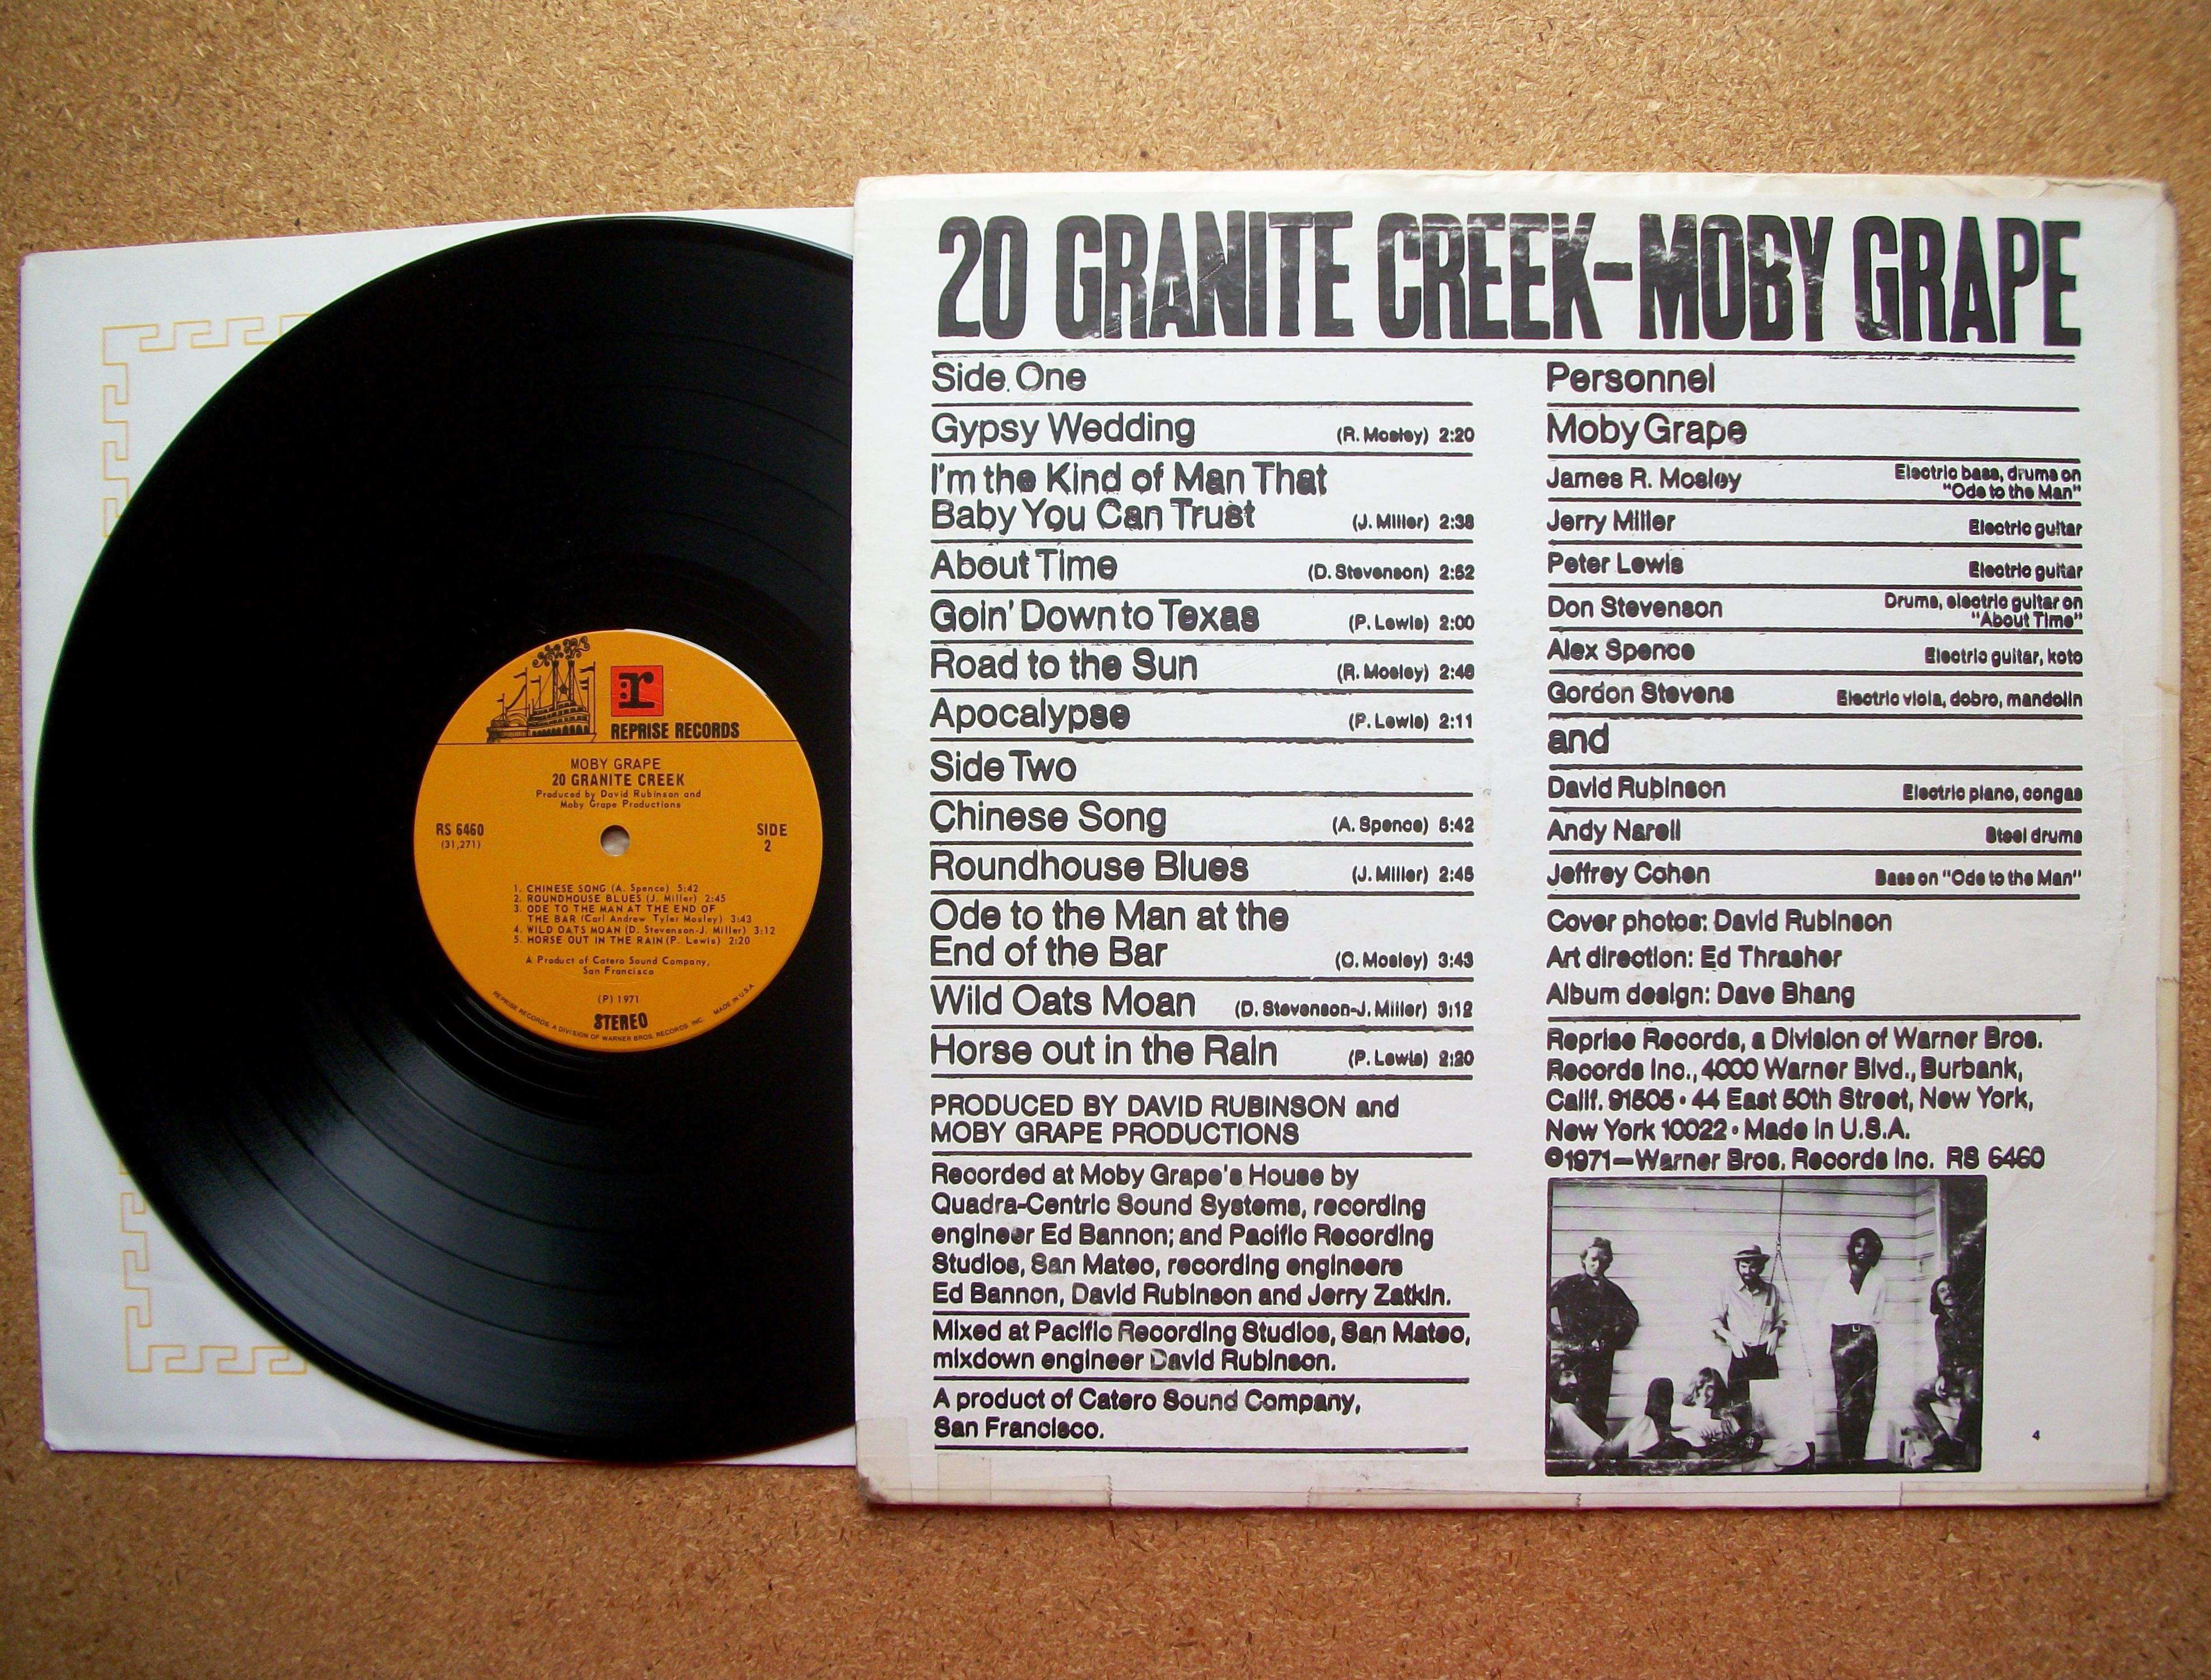 Moby Grape 20 Granite Creek